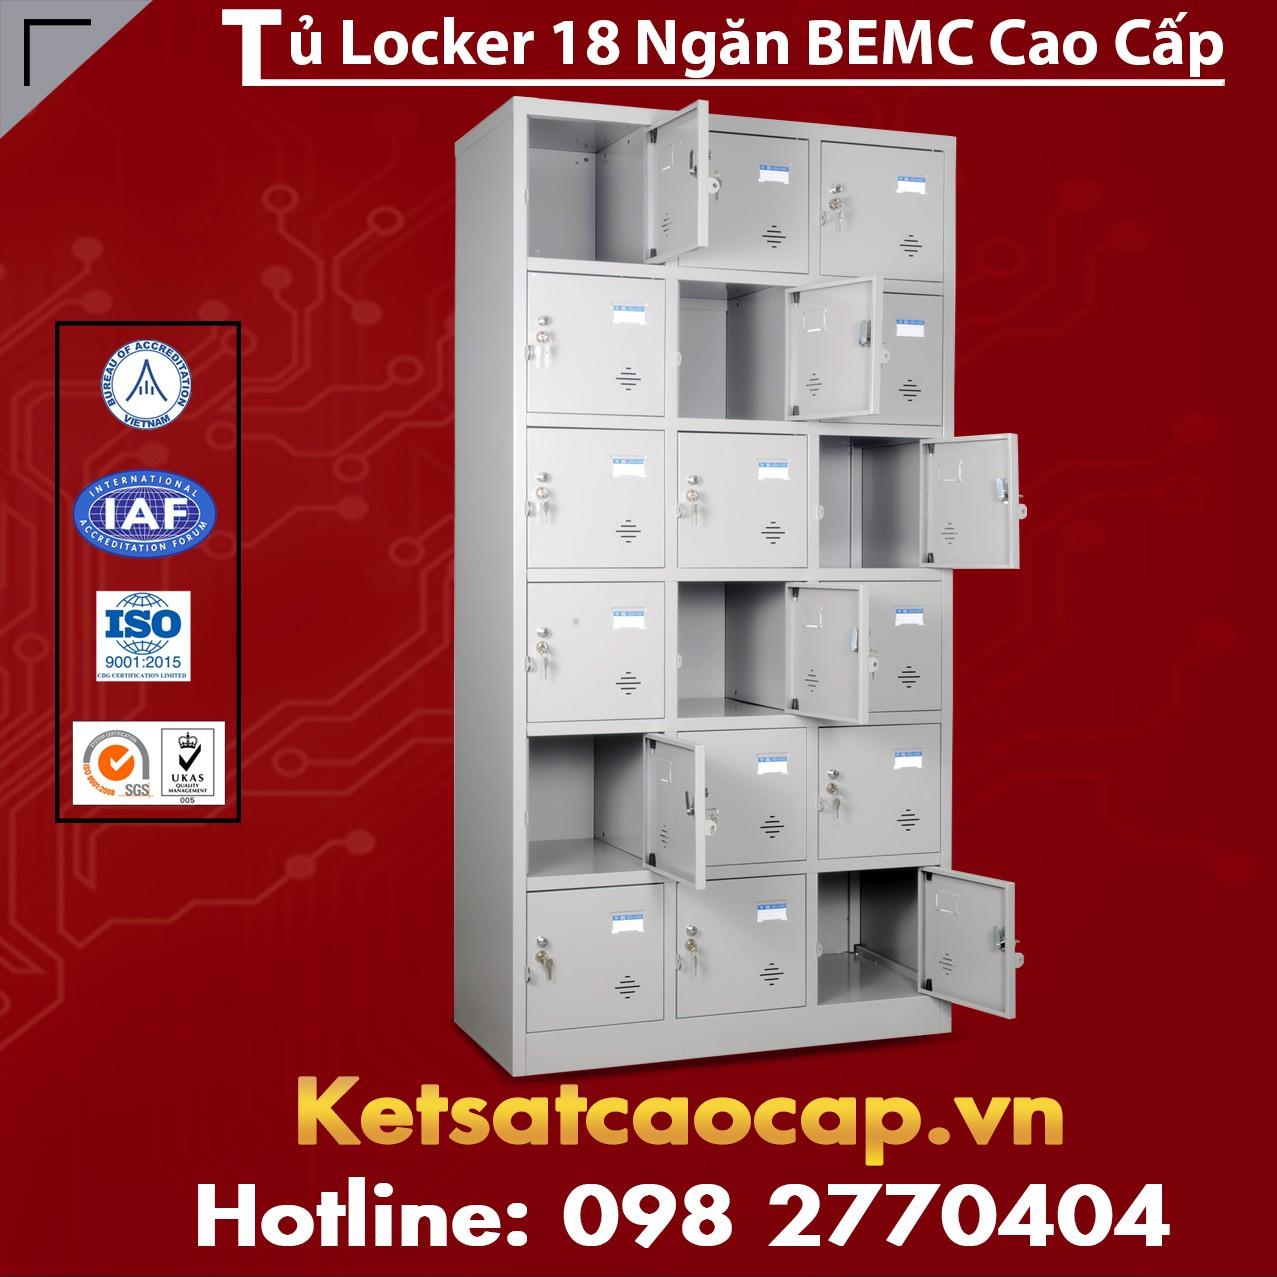 Tủ Locker BEMC 18 Ngăn